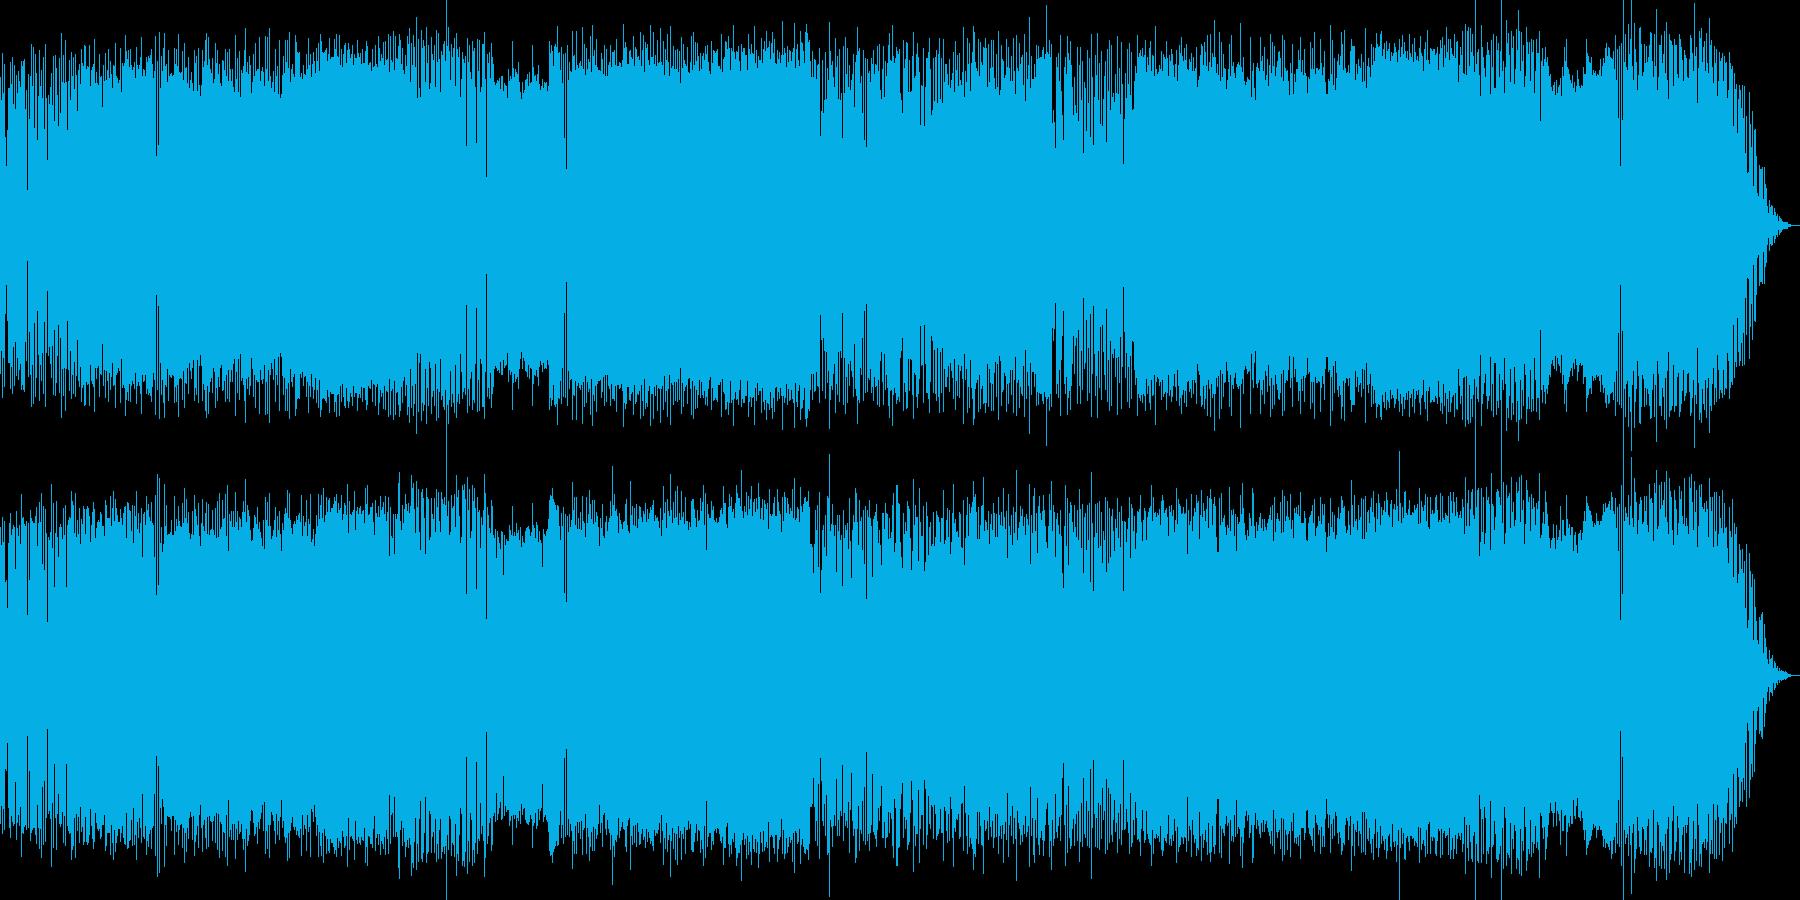 テンポの良いギターポップスの再生済みの波形